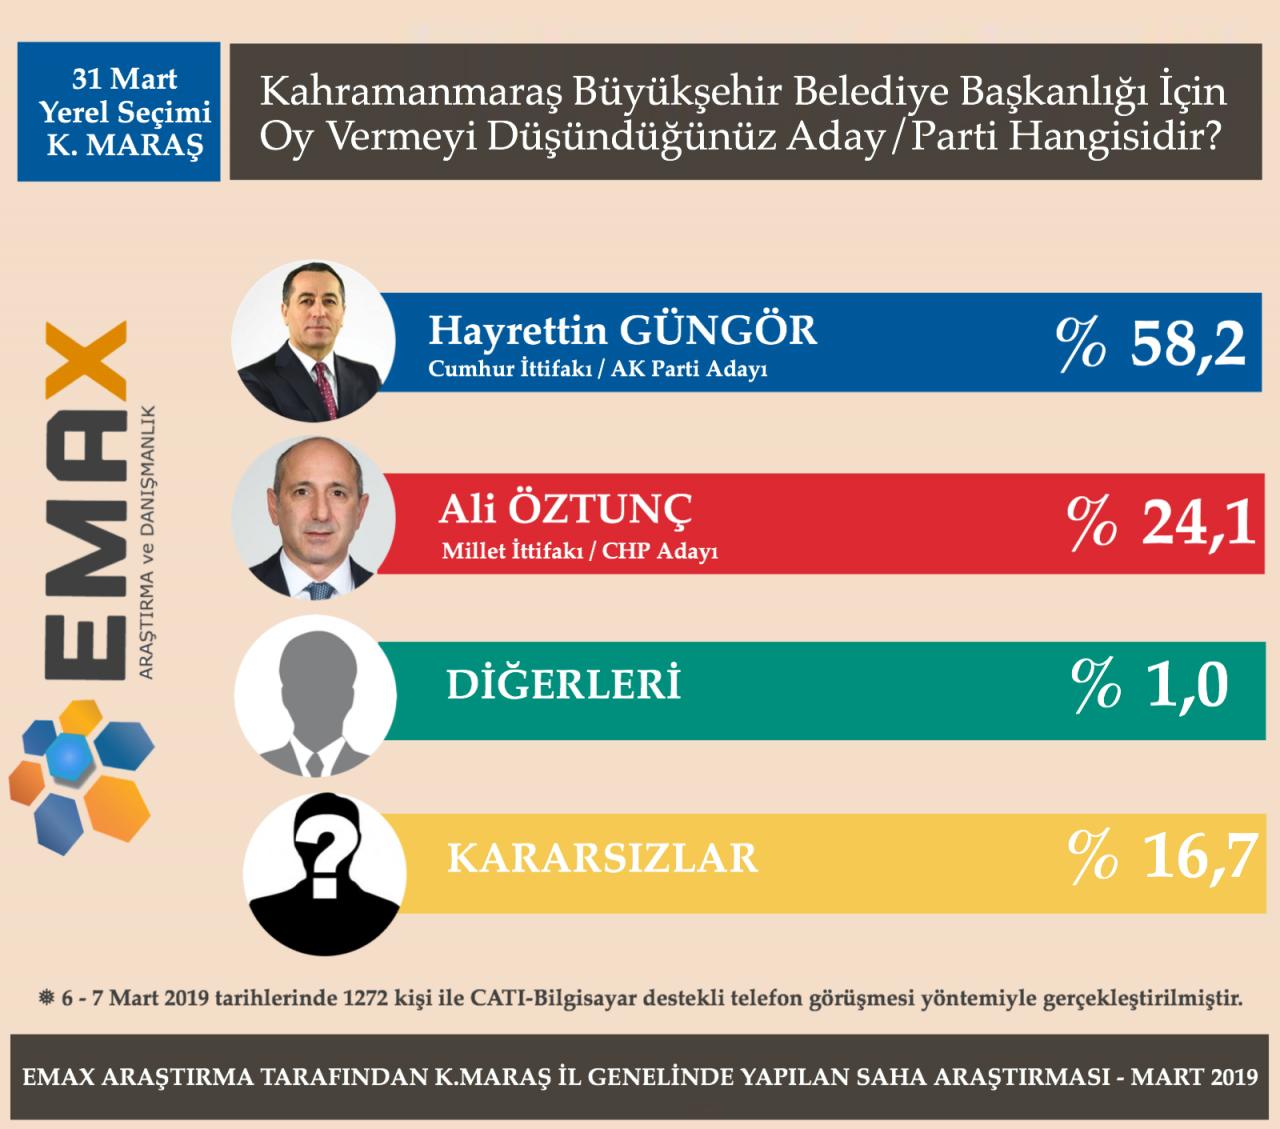 kahramanmaras-anket-siyasetcafe.png